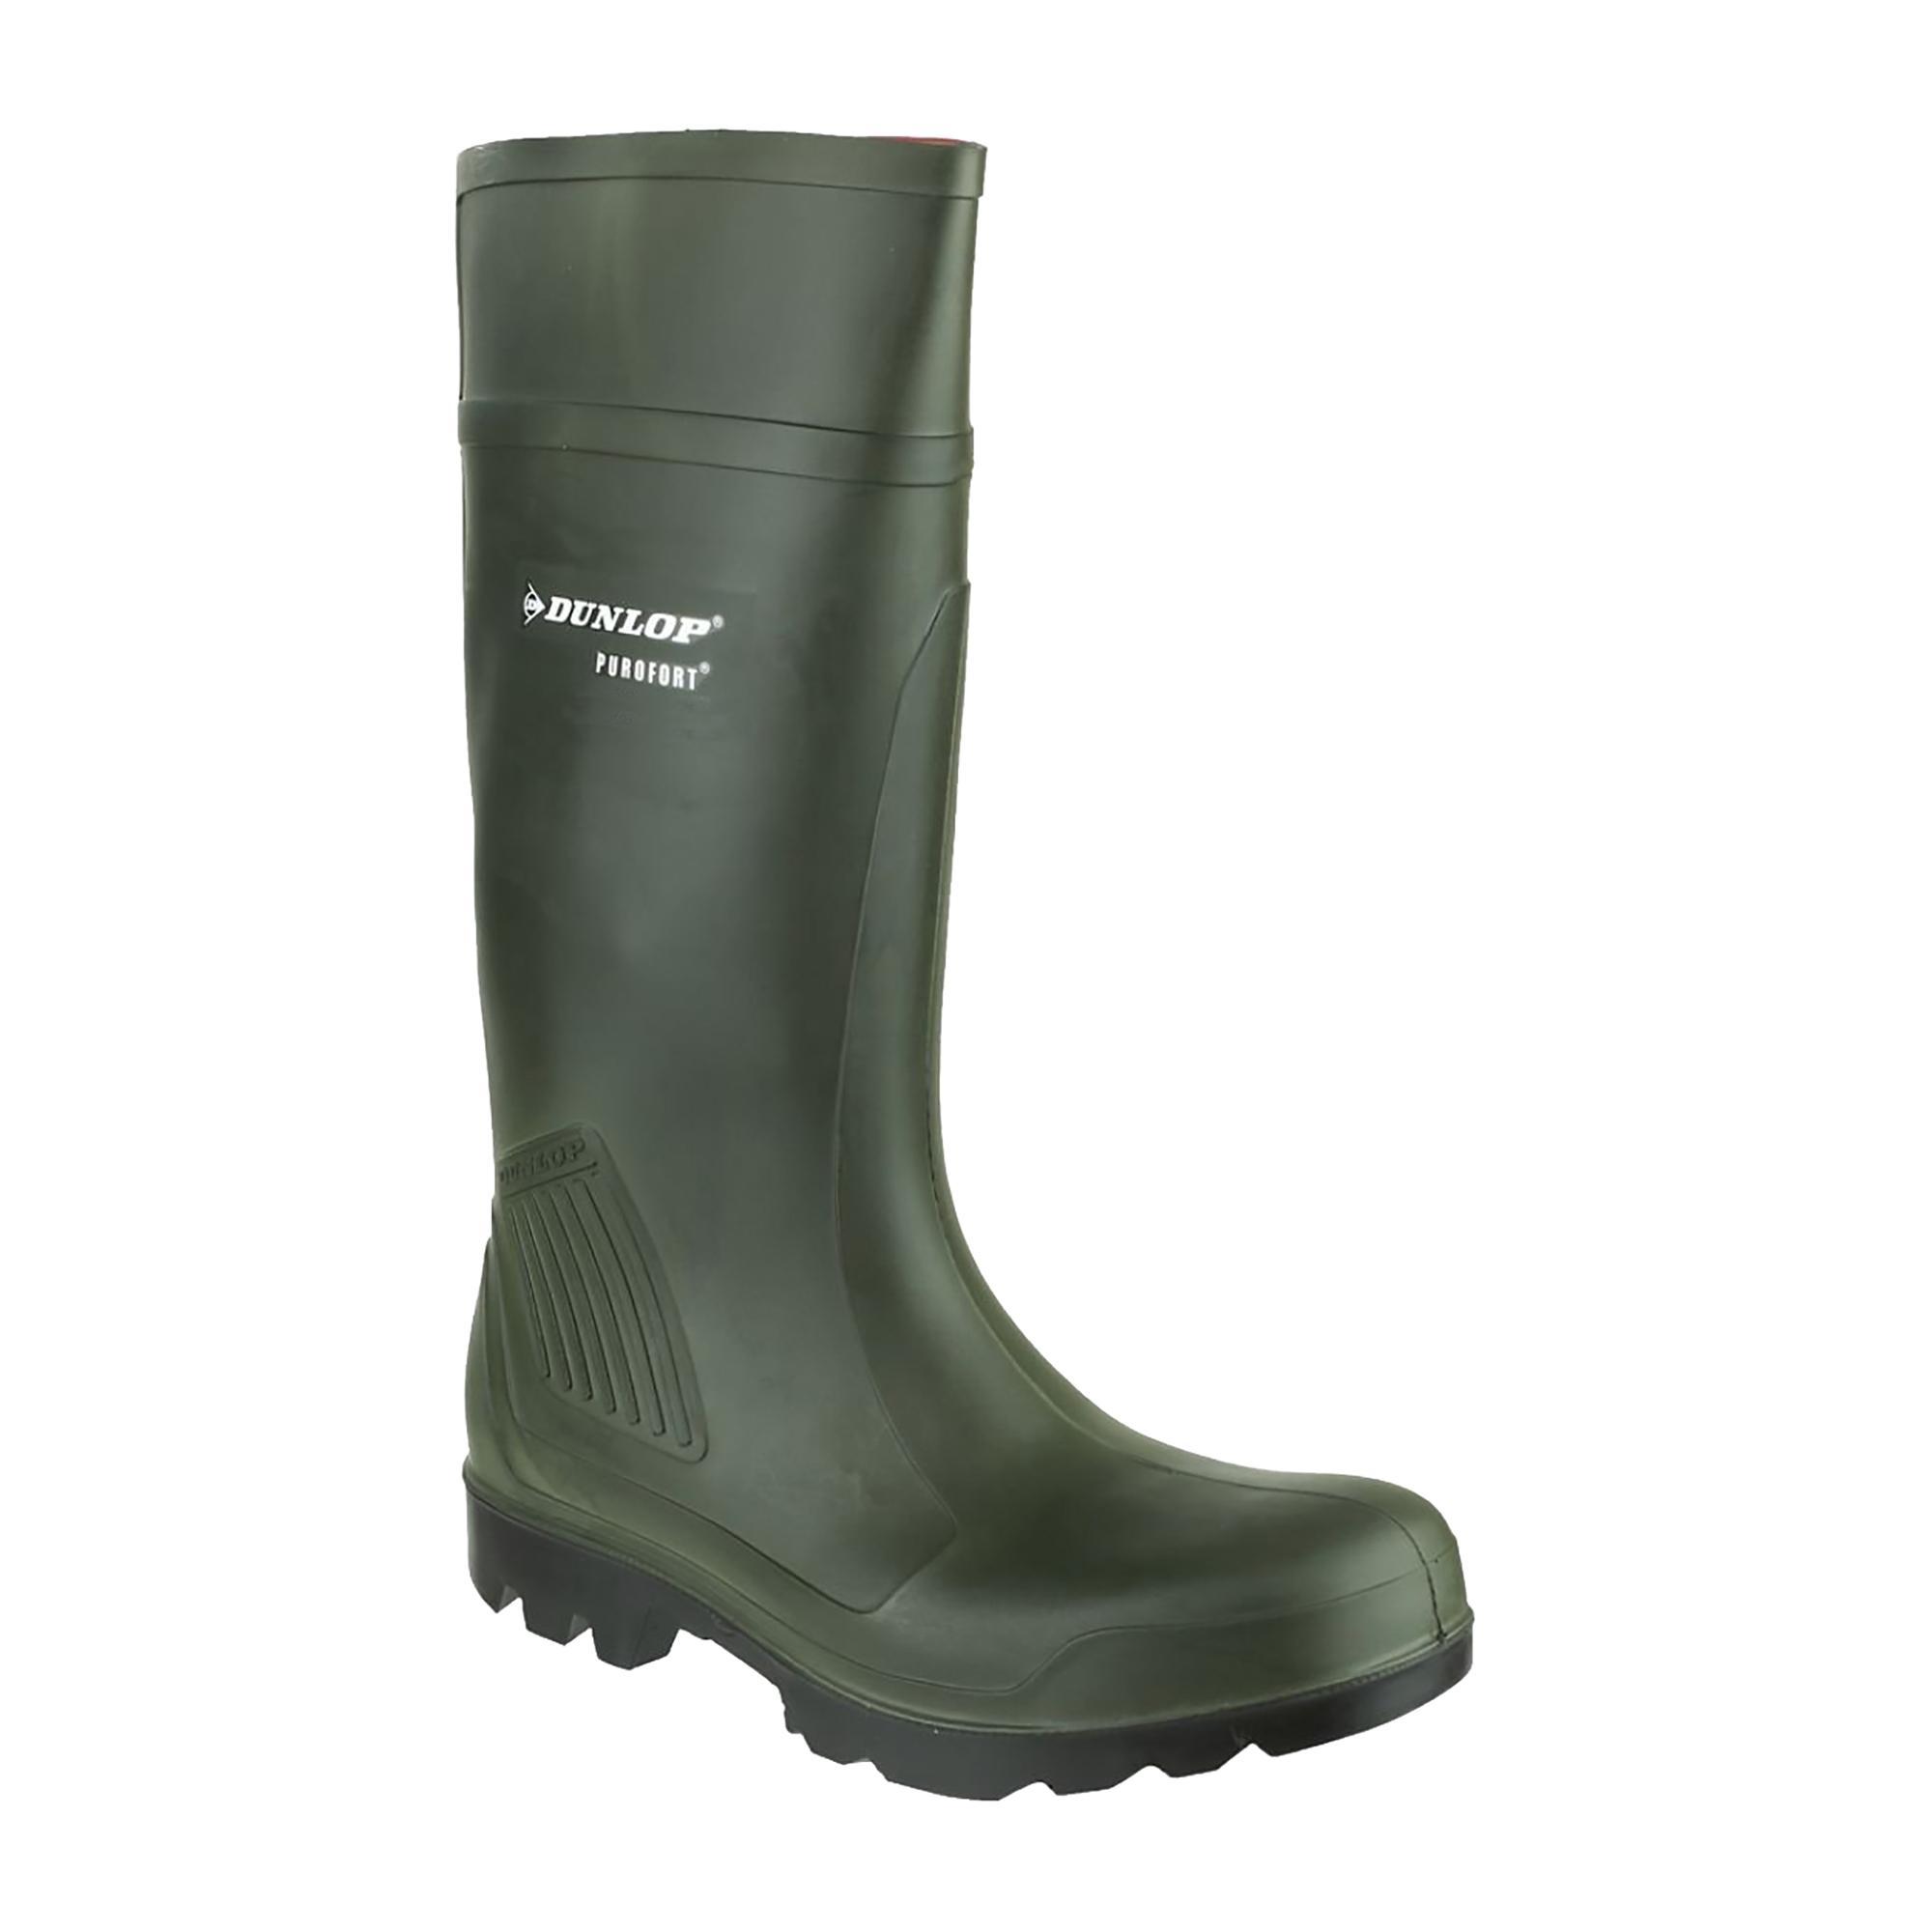 Dunlop-A-Unisex-Purofort-Professional-Gummistiefel-fuer-Erwachsene-TL754